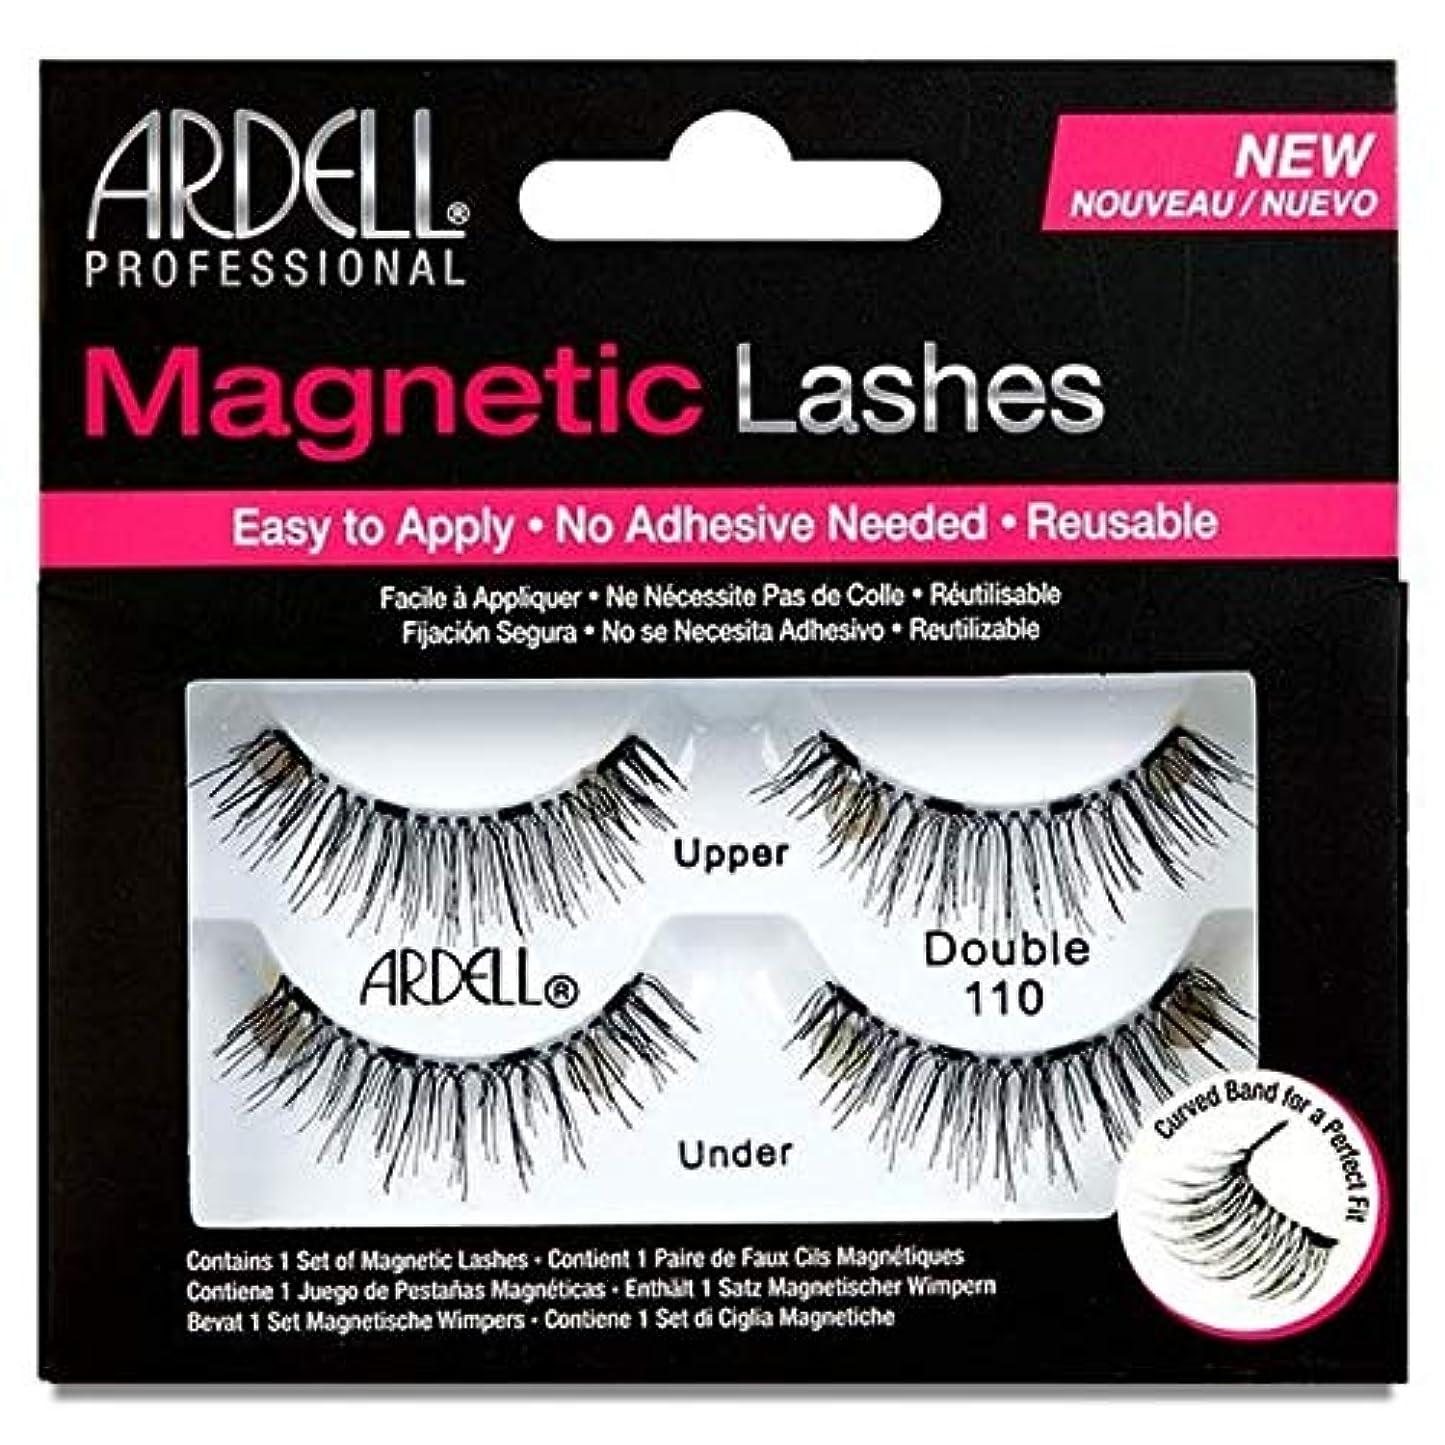 ドキュメンタリー親愛な住人[Ardell] 110ダブルArdell磁気まつげ - Ardell Magnetic Eyelashes Double 110 [並行輸入品]